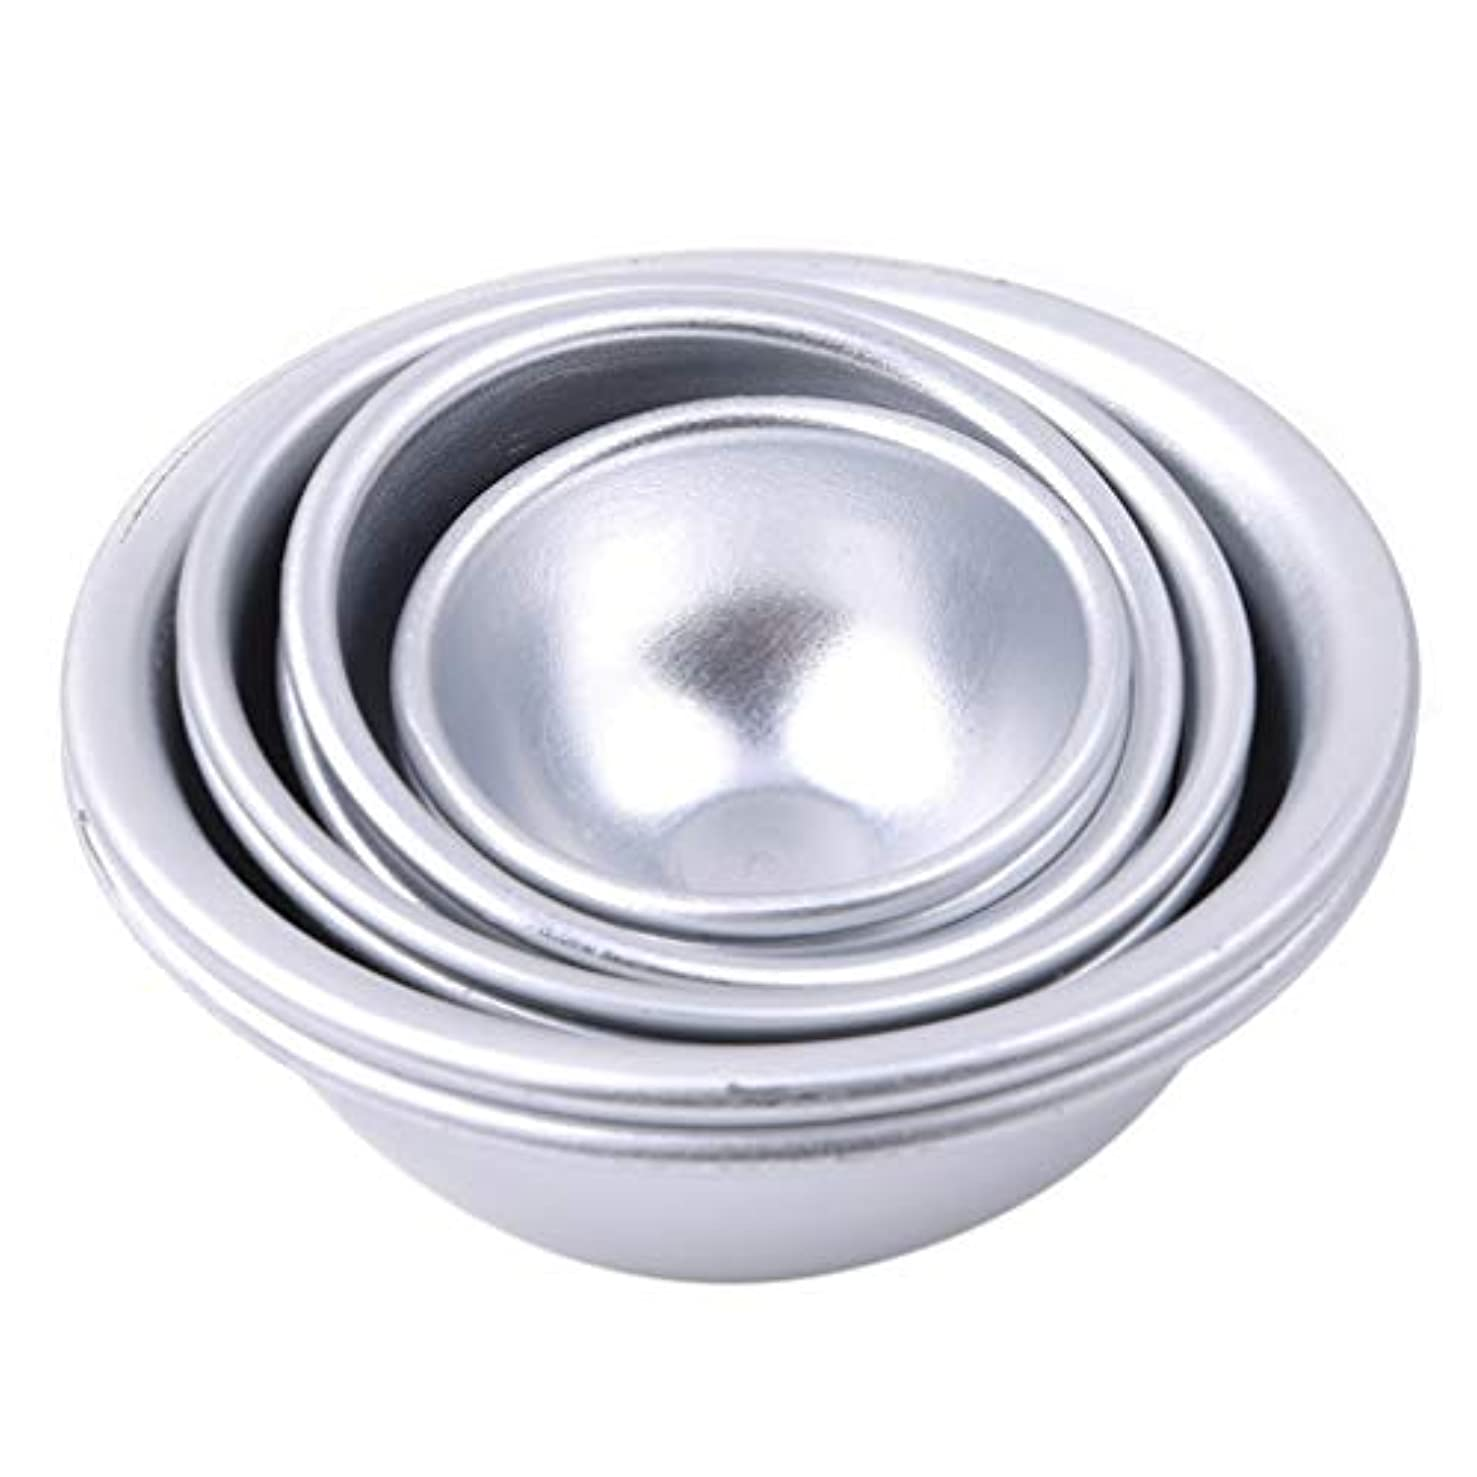 トライアスロンクーポンチップToporchid Diy風呂ボール型アルミ合金入浴ボール手作り石鹸ケーキパンベーキングモールドペストリー作りツール(style2)